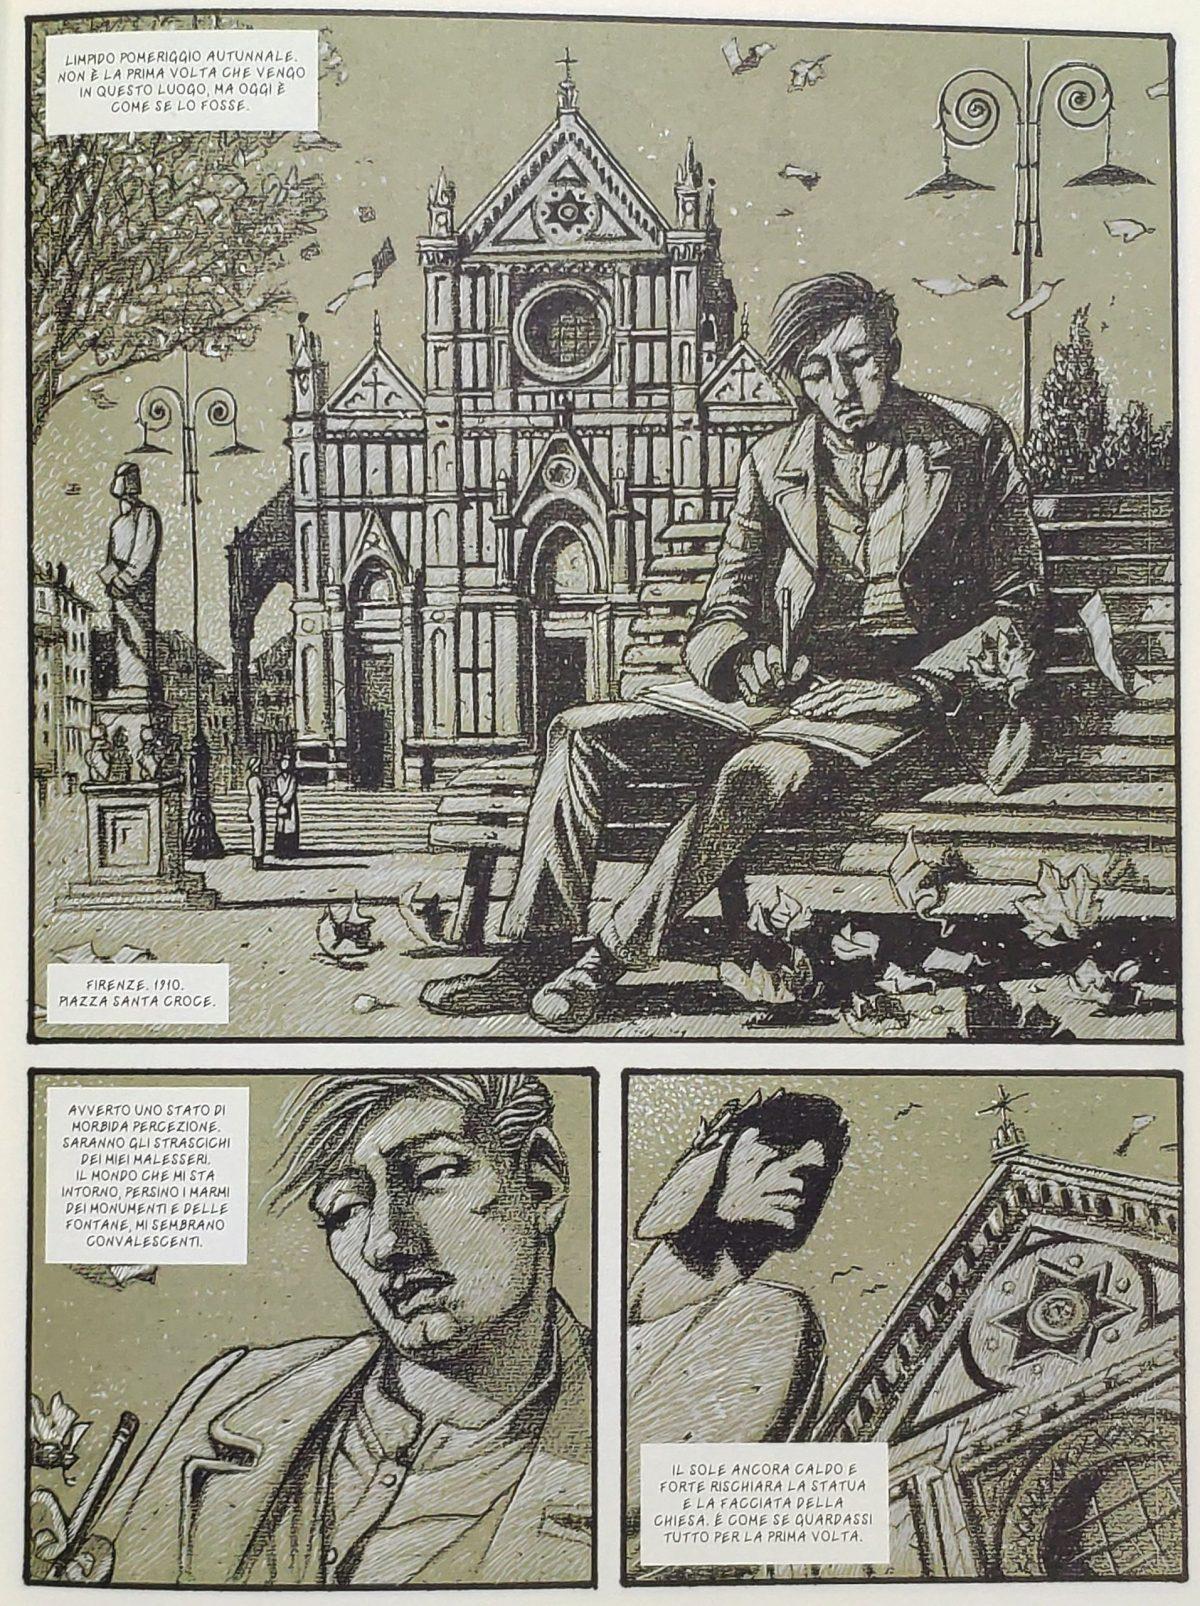 Mio caro fumetto... - Giorgio De Chirico a piazza Santa Croce a Firenze nel 1910